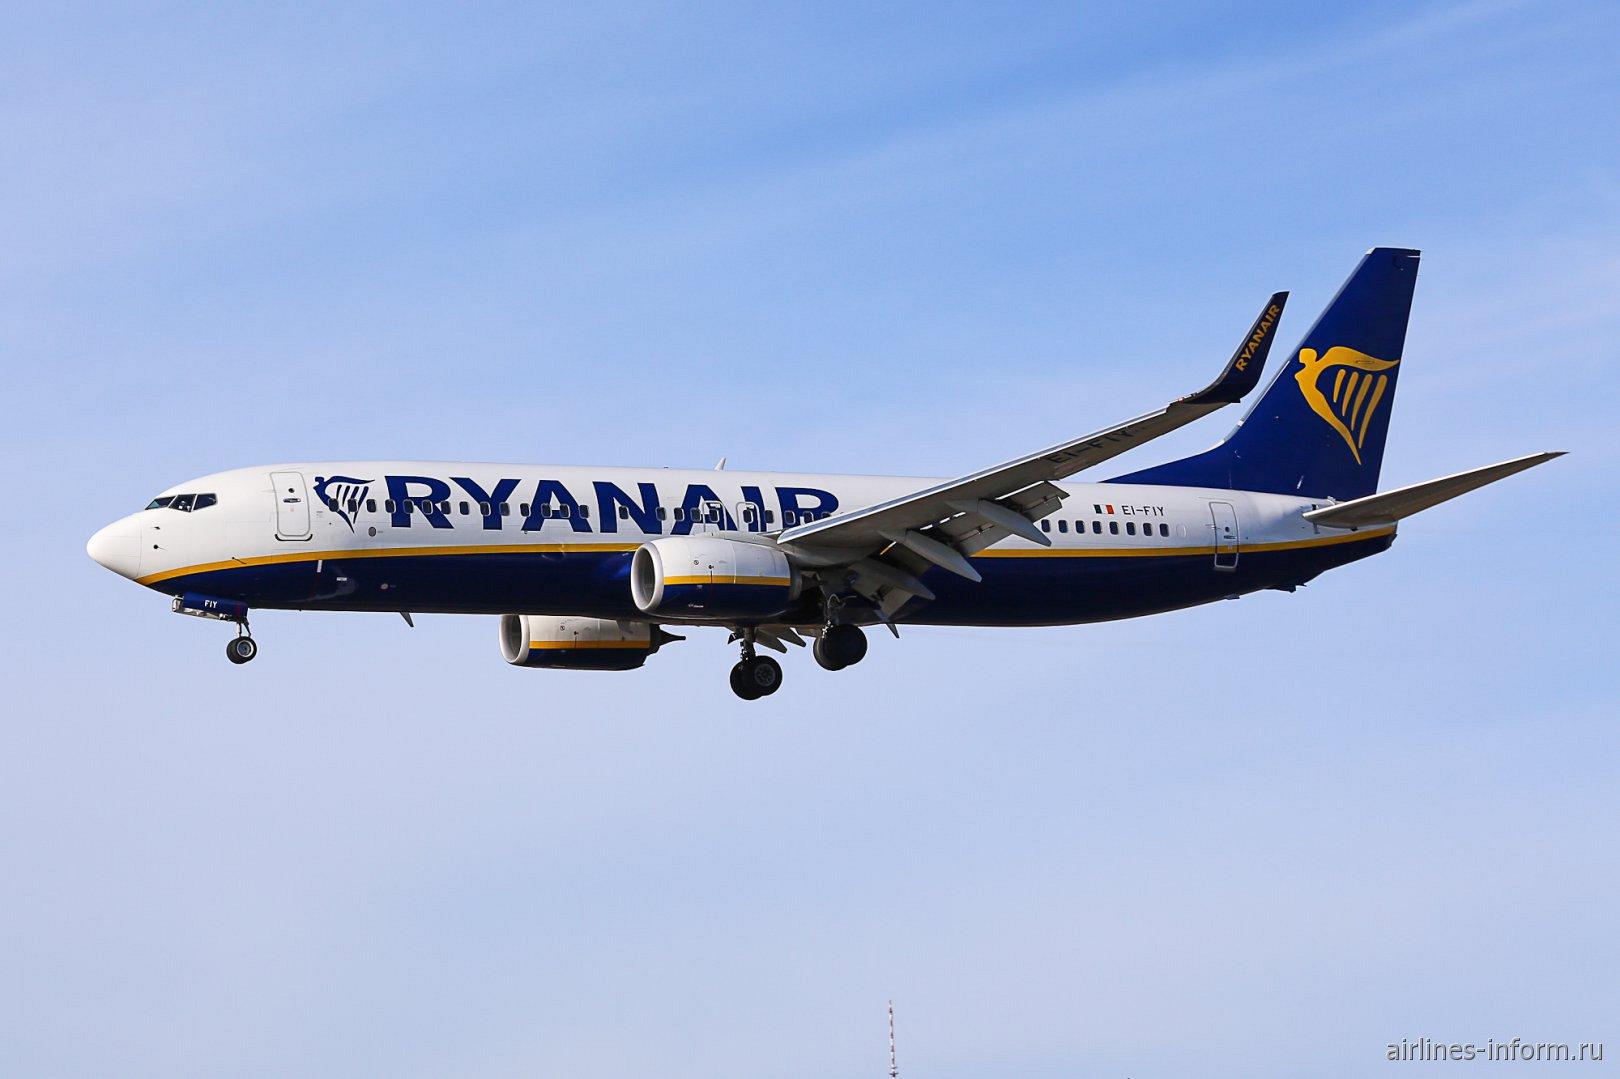 Боинг-737-800 EI-FIY авиакомпании Ryanair перед посадкой в аэропорту Зальцбурга